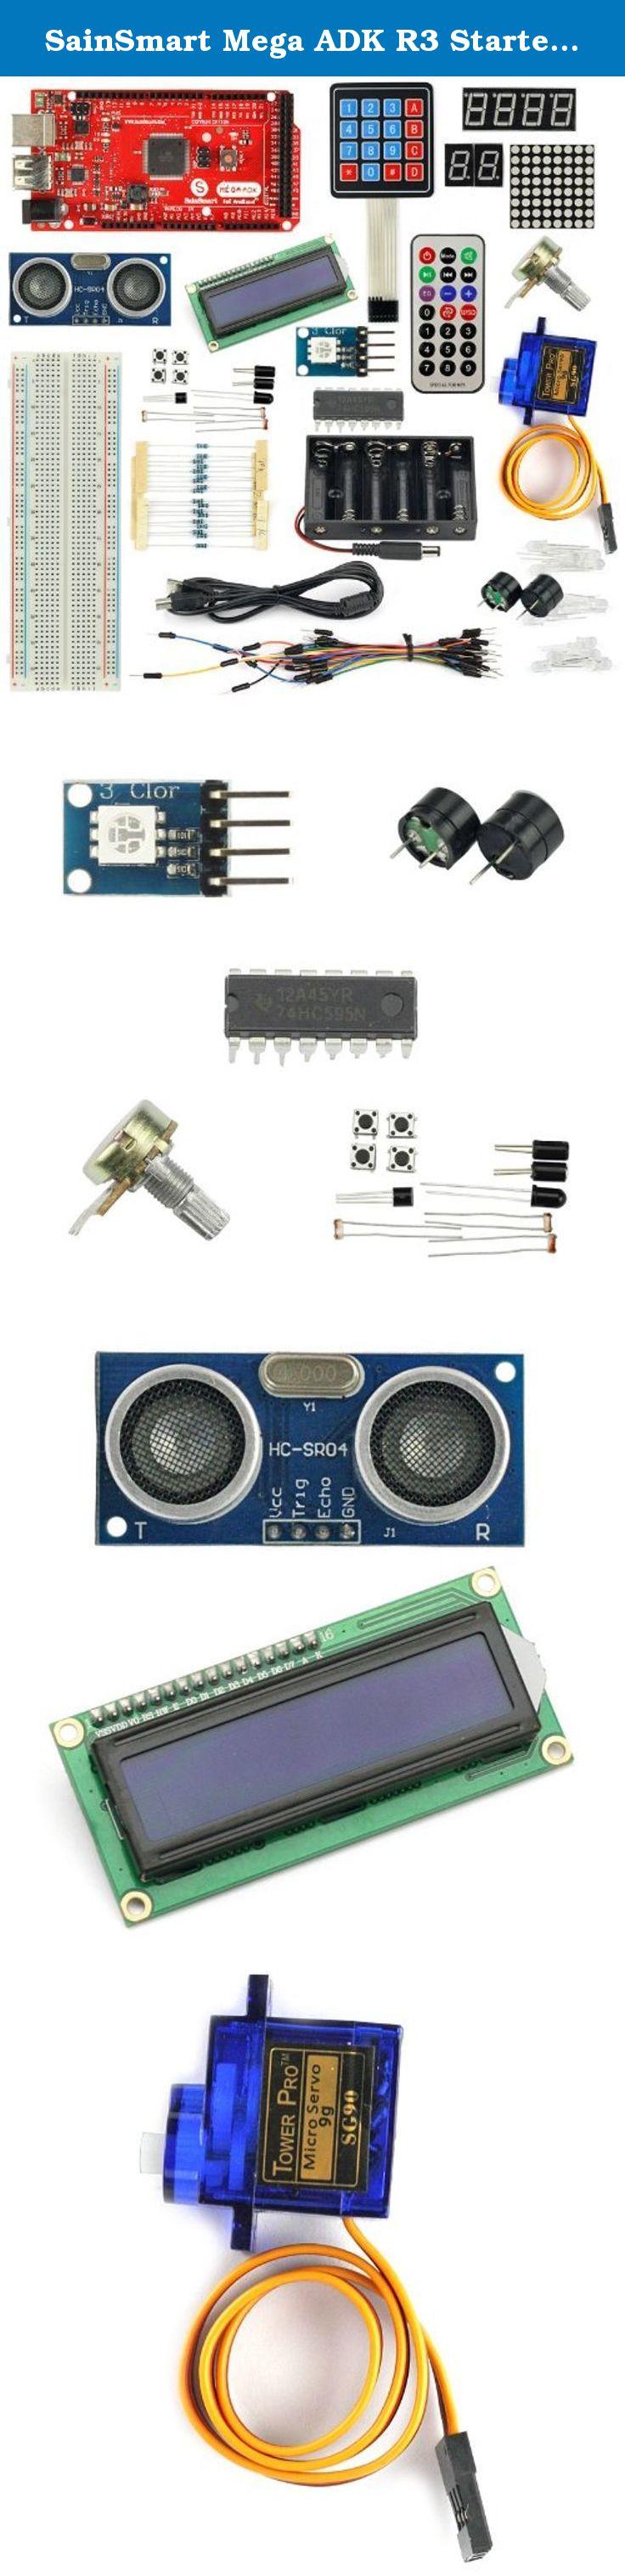 Sainsmart Mega Adk R3 Starter Kit For Arduino Keyboard Servo